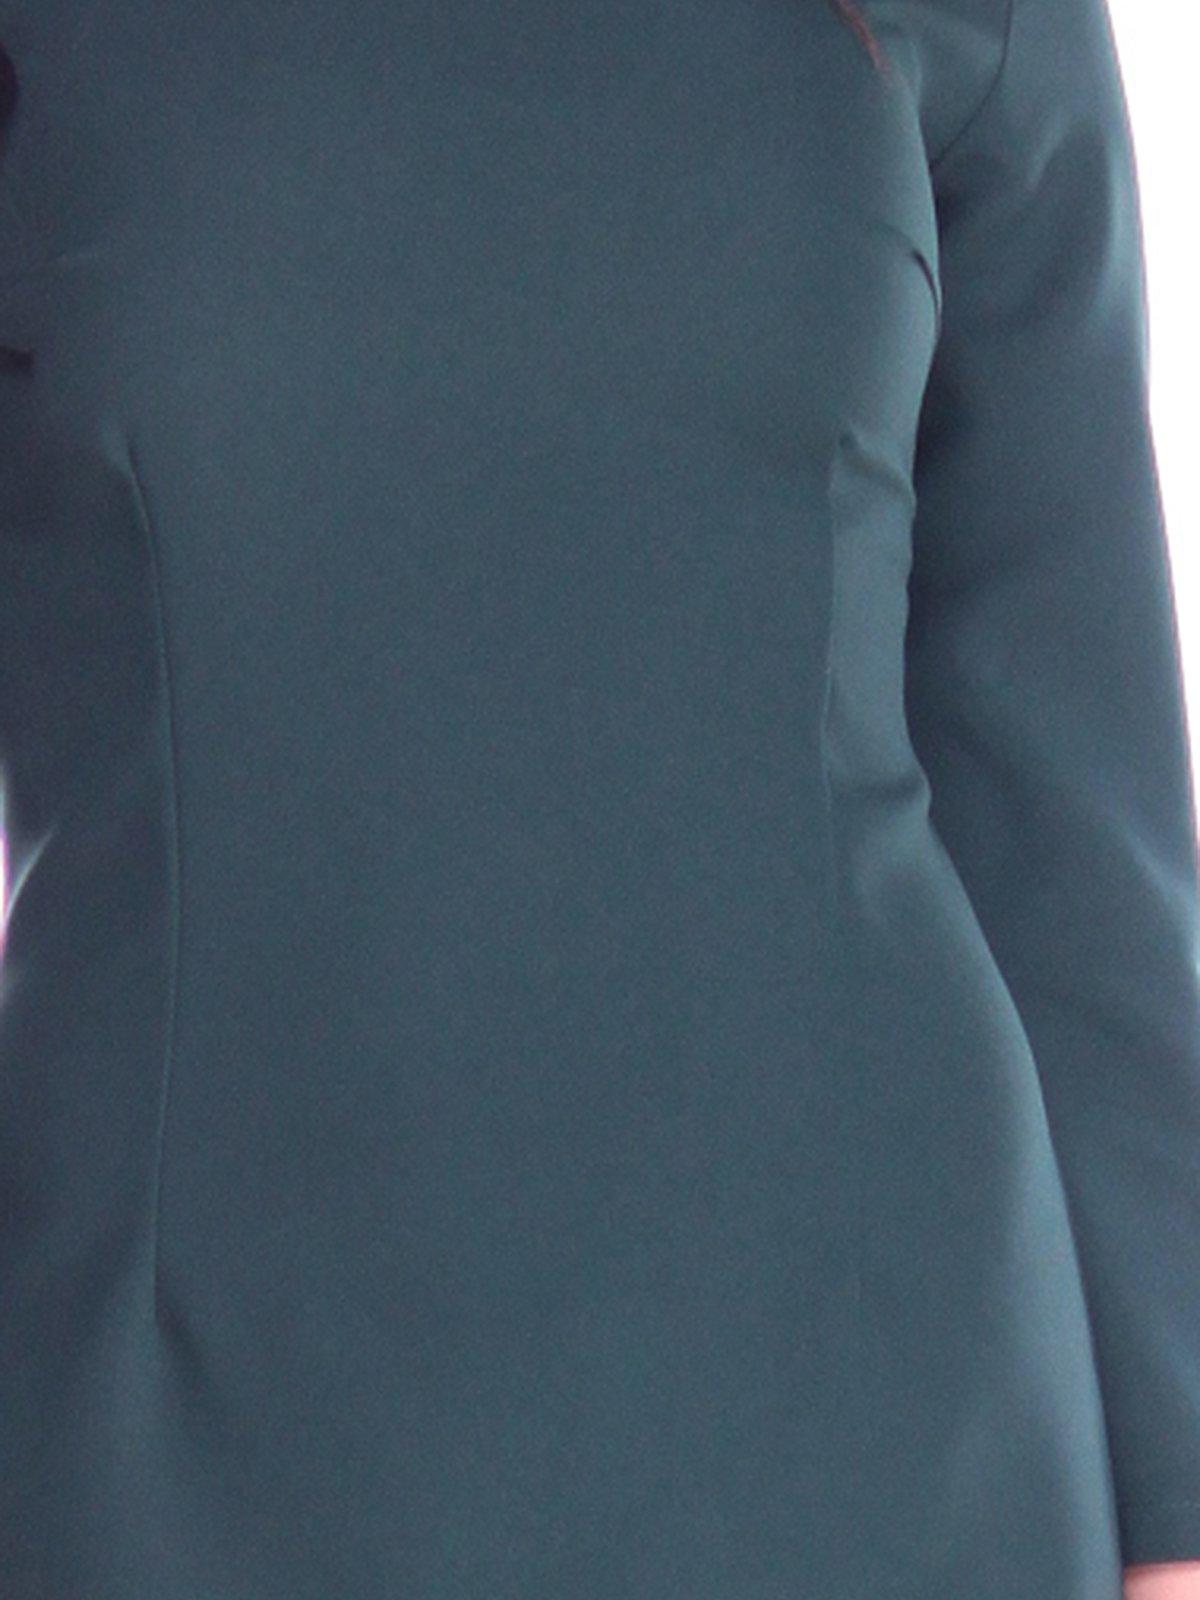 Платье темно-изумрудного цвета | 2763199 | фото 3